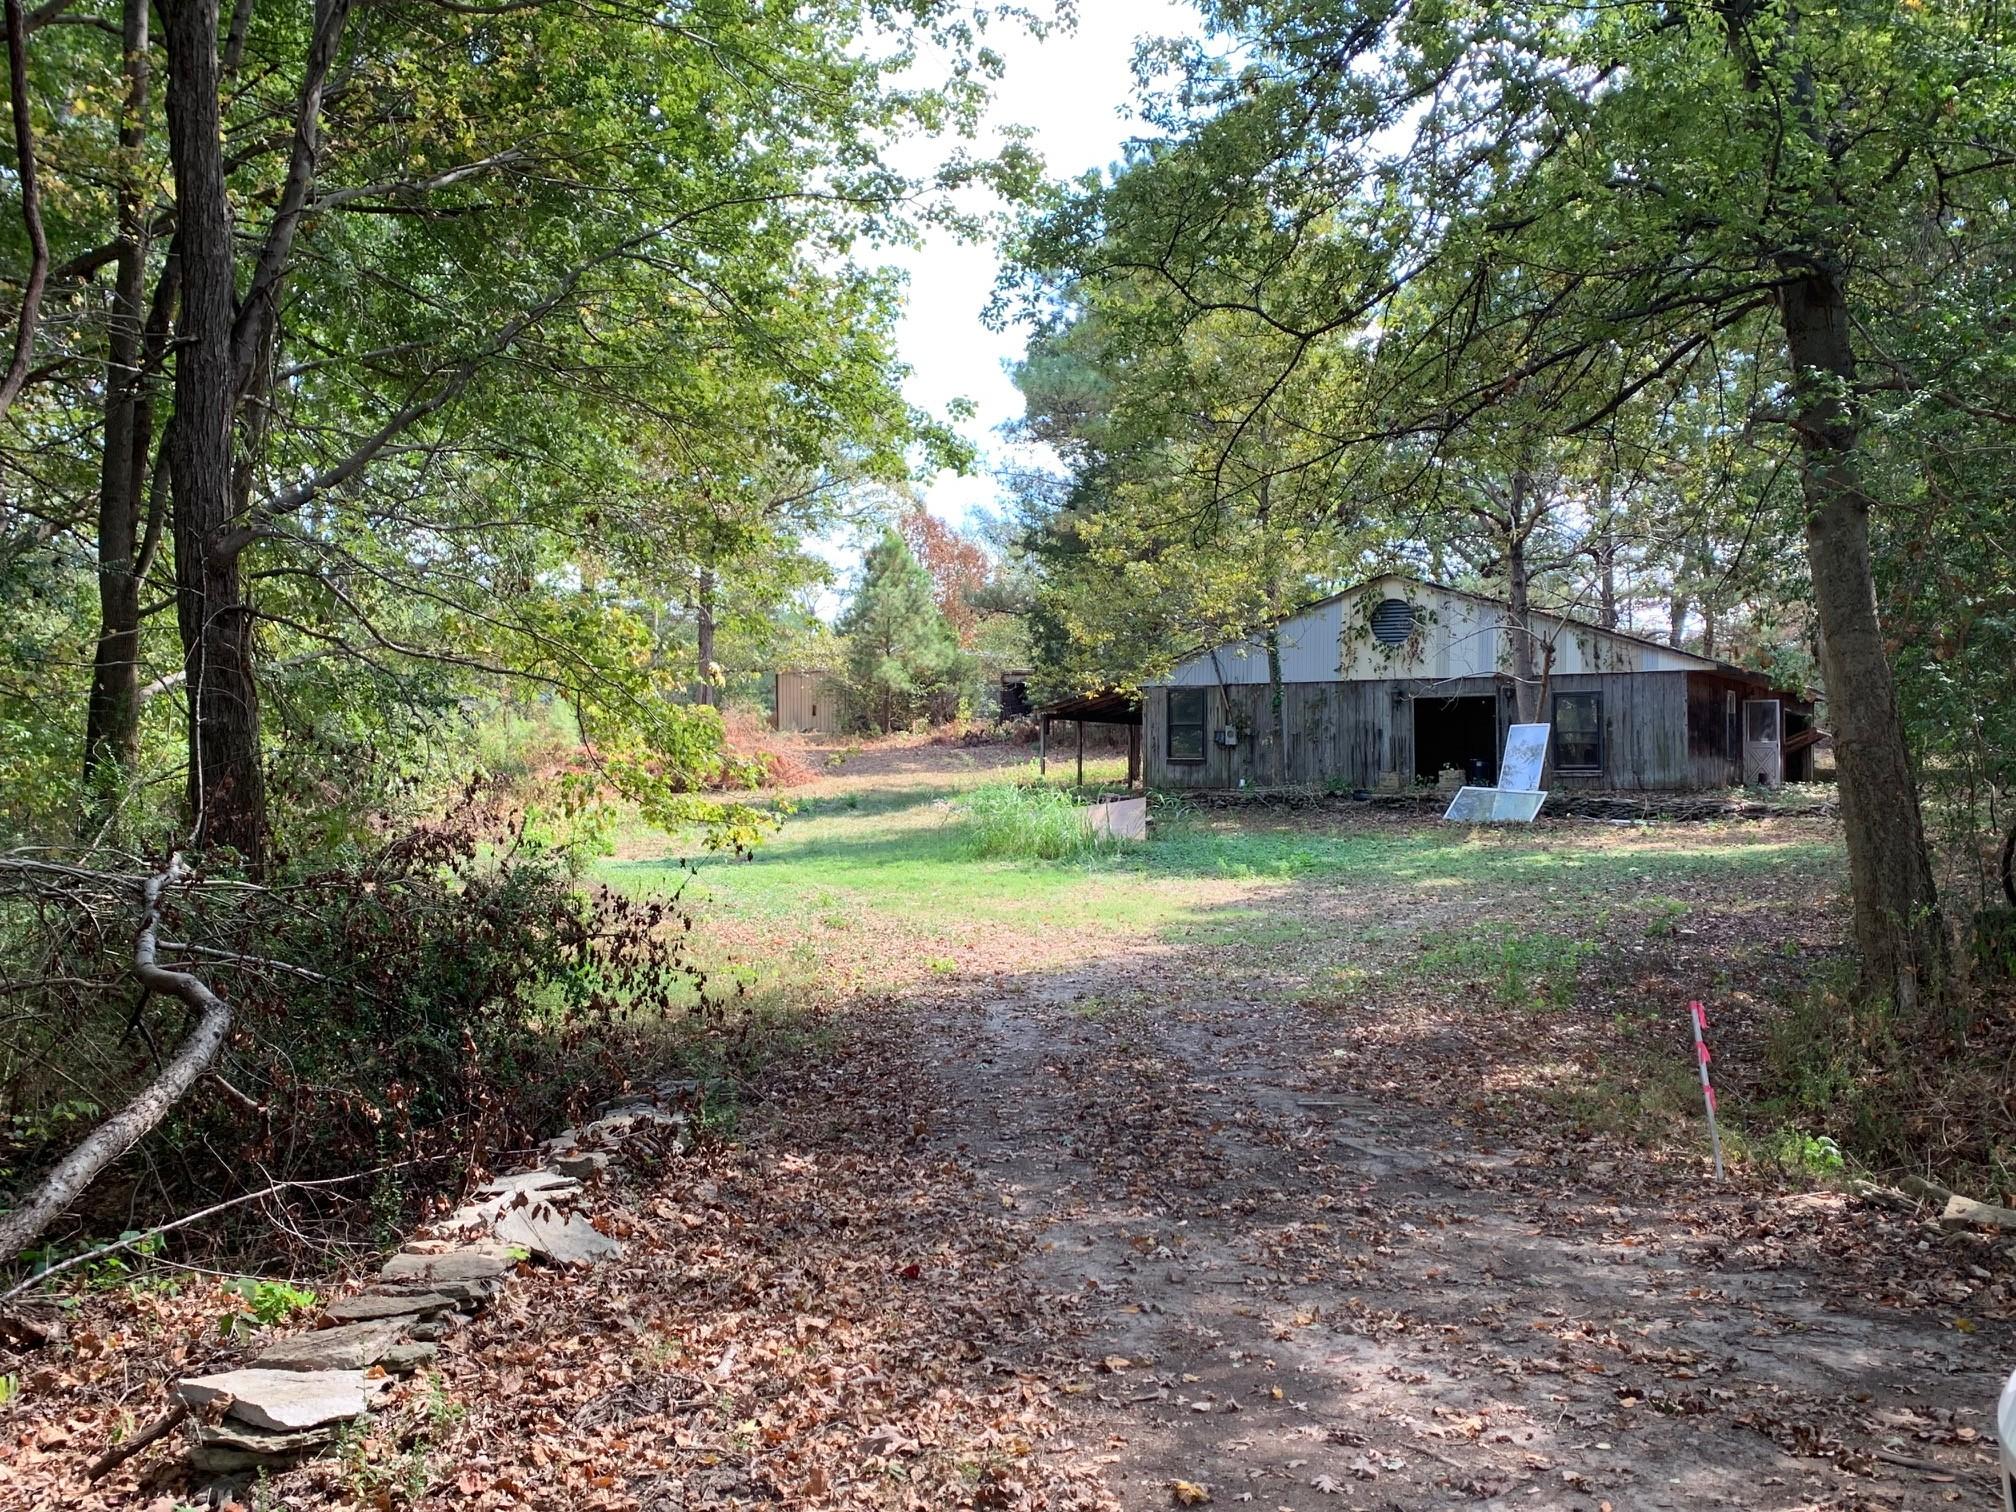 7437 Johnny Crow Rd, Lyles, TN 37098 - Lyles, TN real estate listing